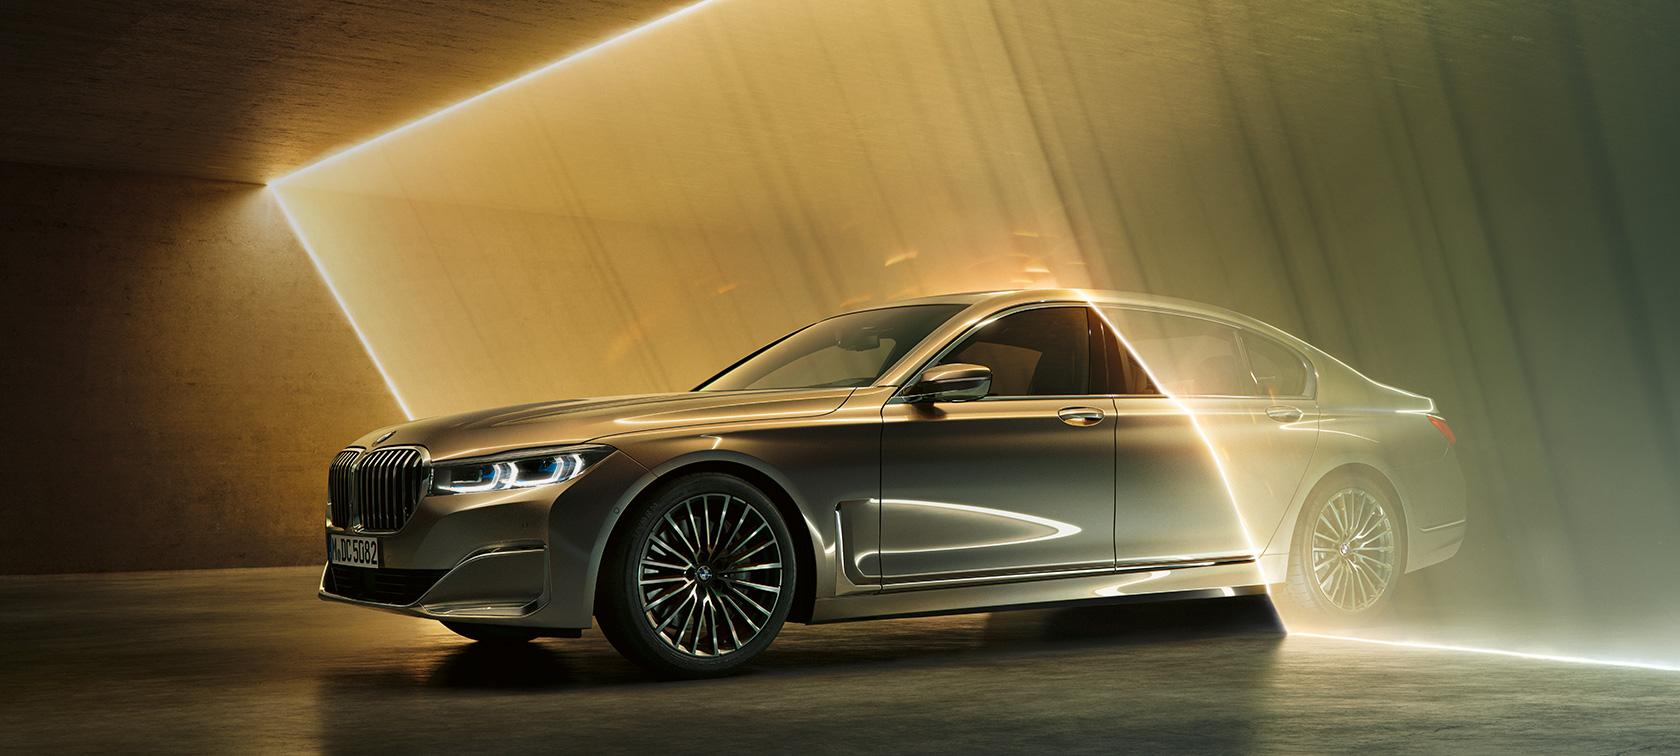 Bmw 7er Die Limousine Der Luxusklasse Bmwat